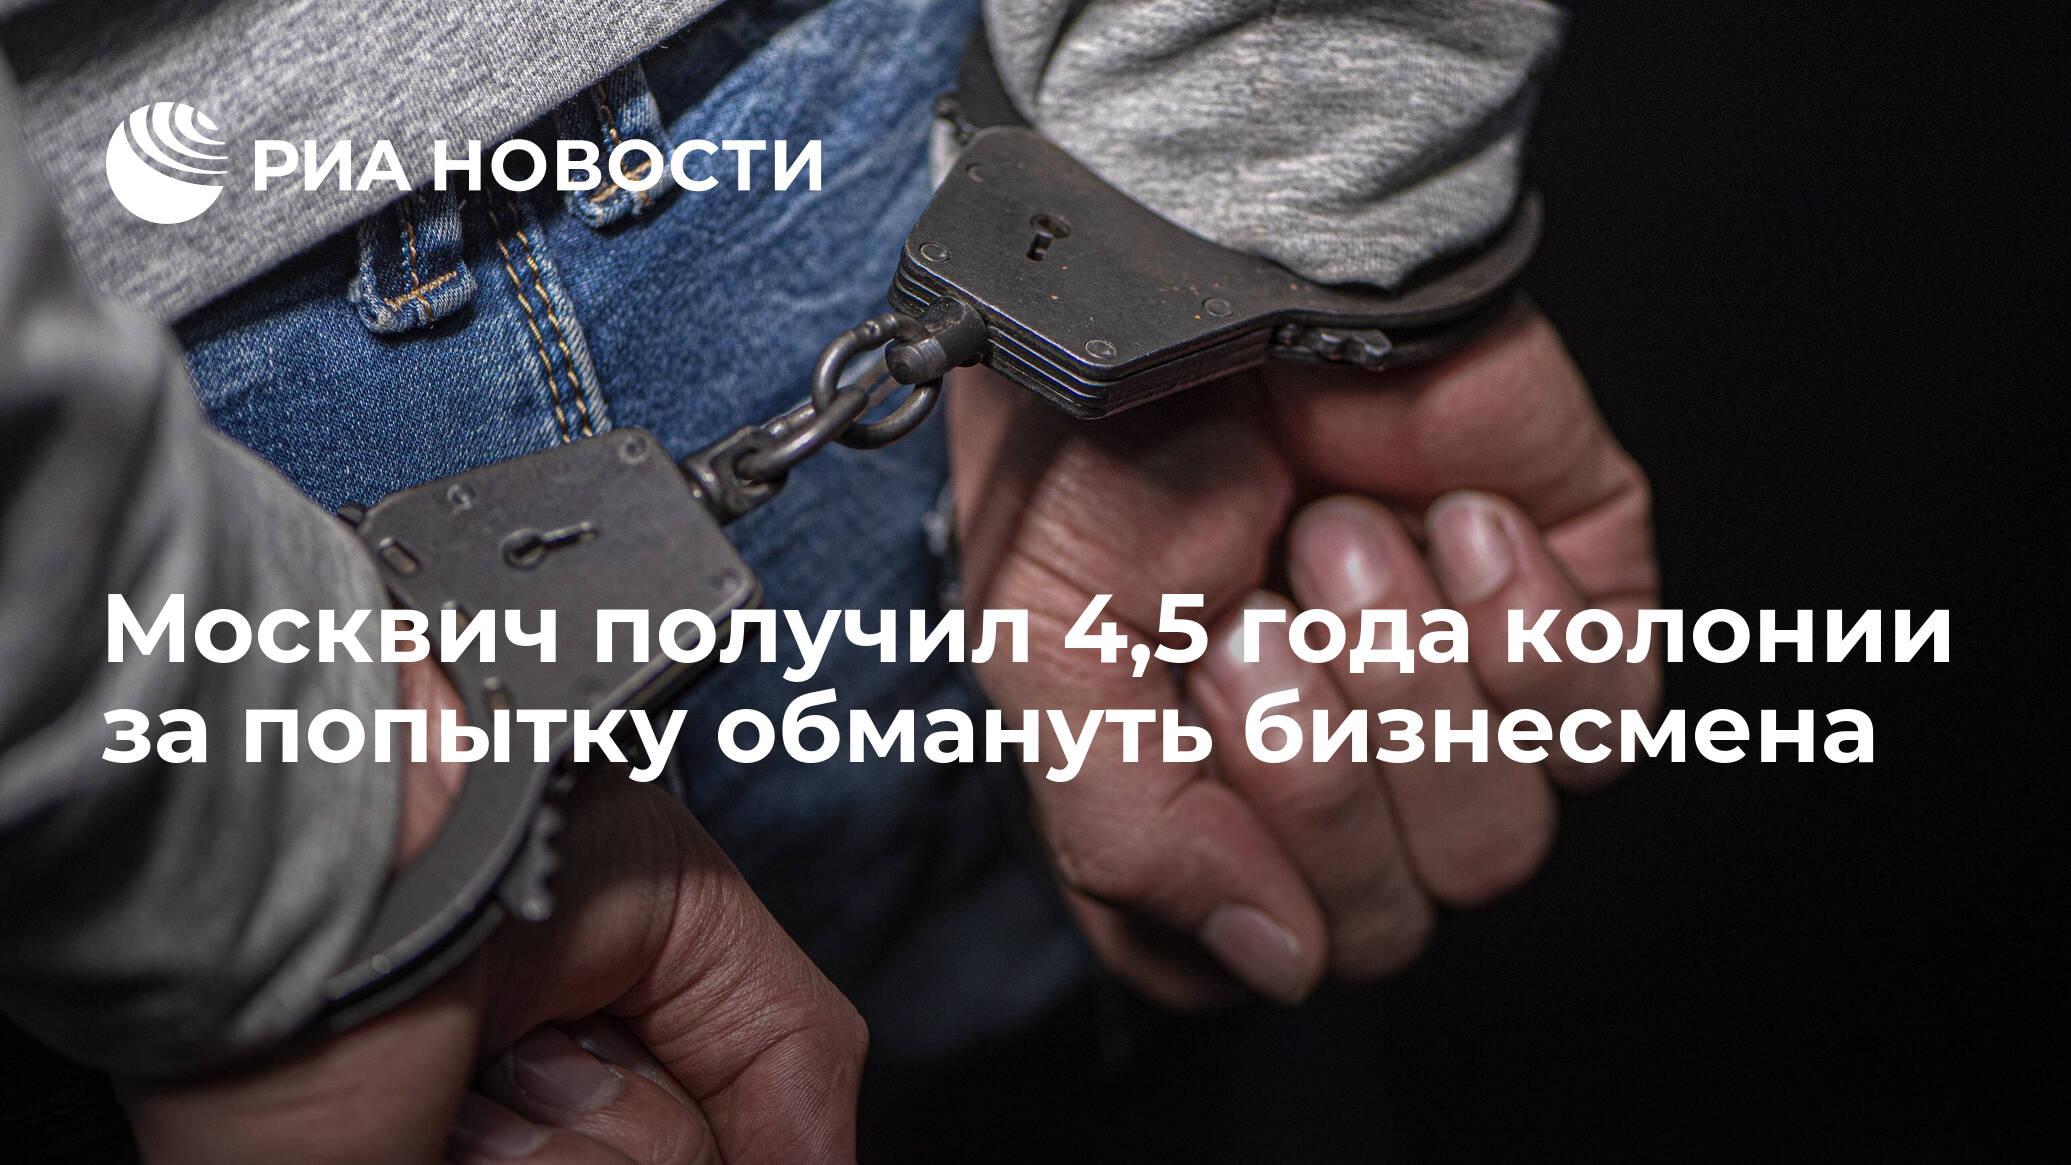 Москвич получил 4,5 года колонии за попытку обмануть бизнесмена